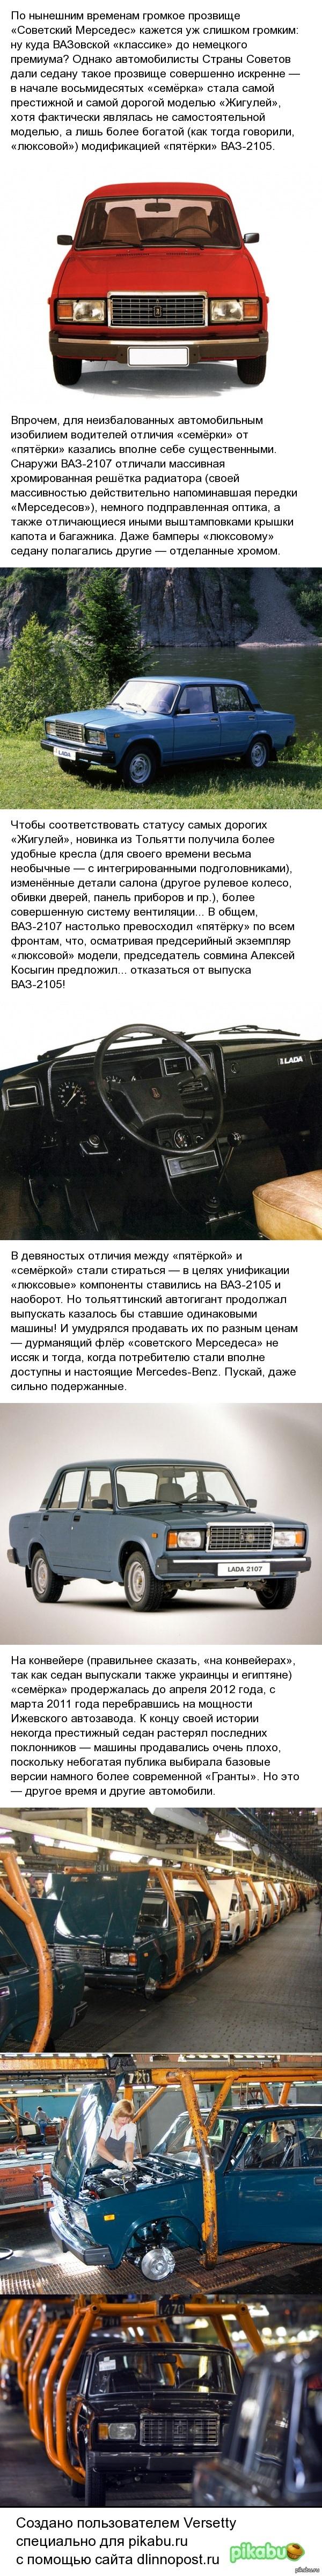 День в истории. ВАЗ-2107 — «Советский Мерседес» 11 марта 1982 года на ВАЗовском конвейере собран первый серийный седан ВАЗ-2107 «Жигули»